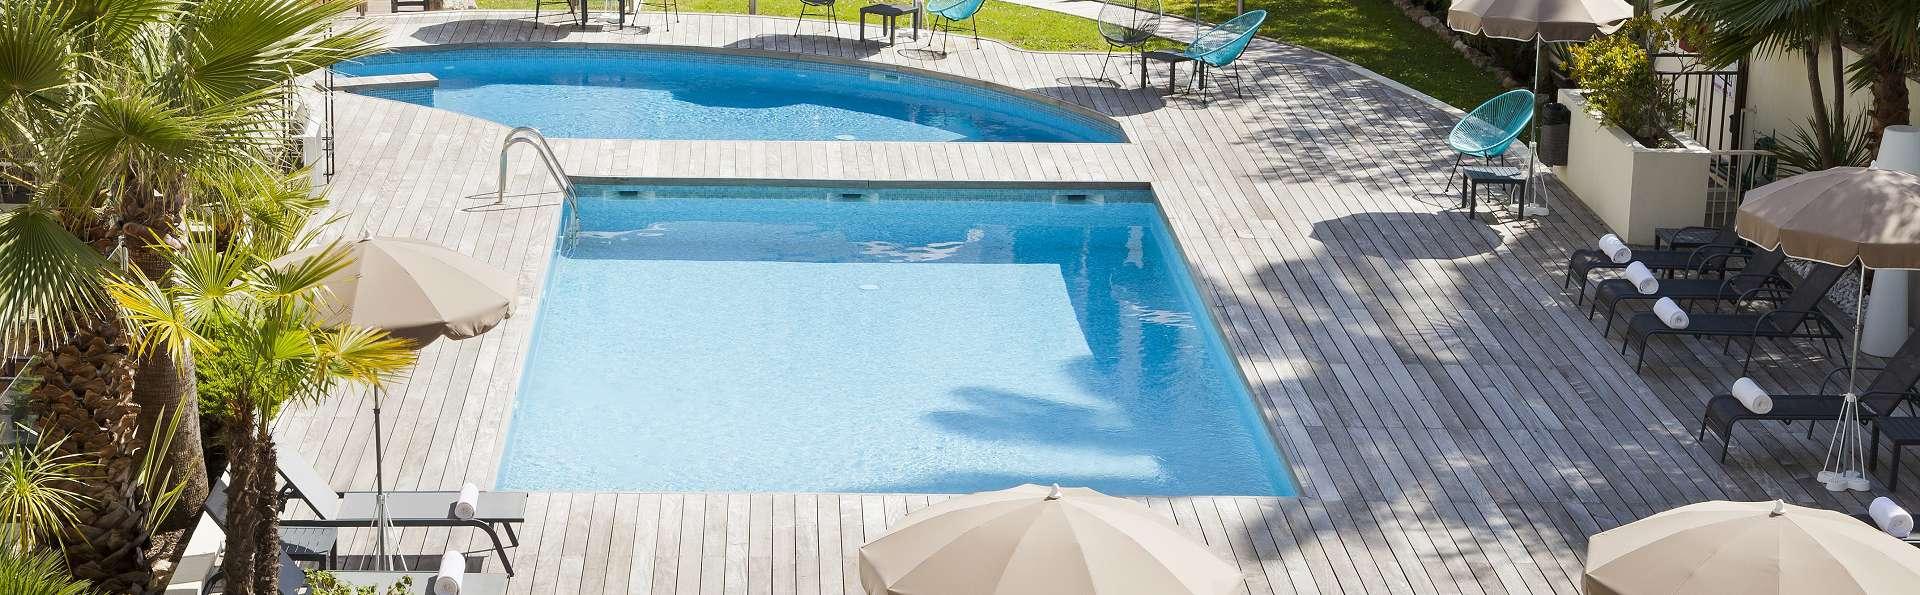 Nehô Suites Cannes Croisette - PISICINE-11.jpg